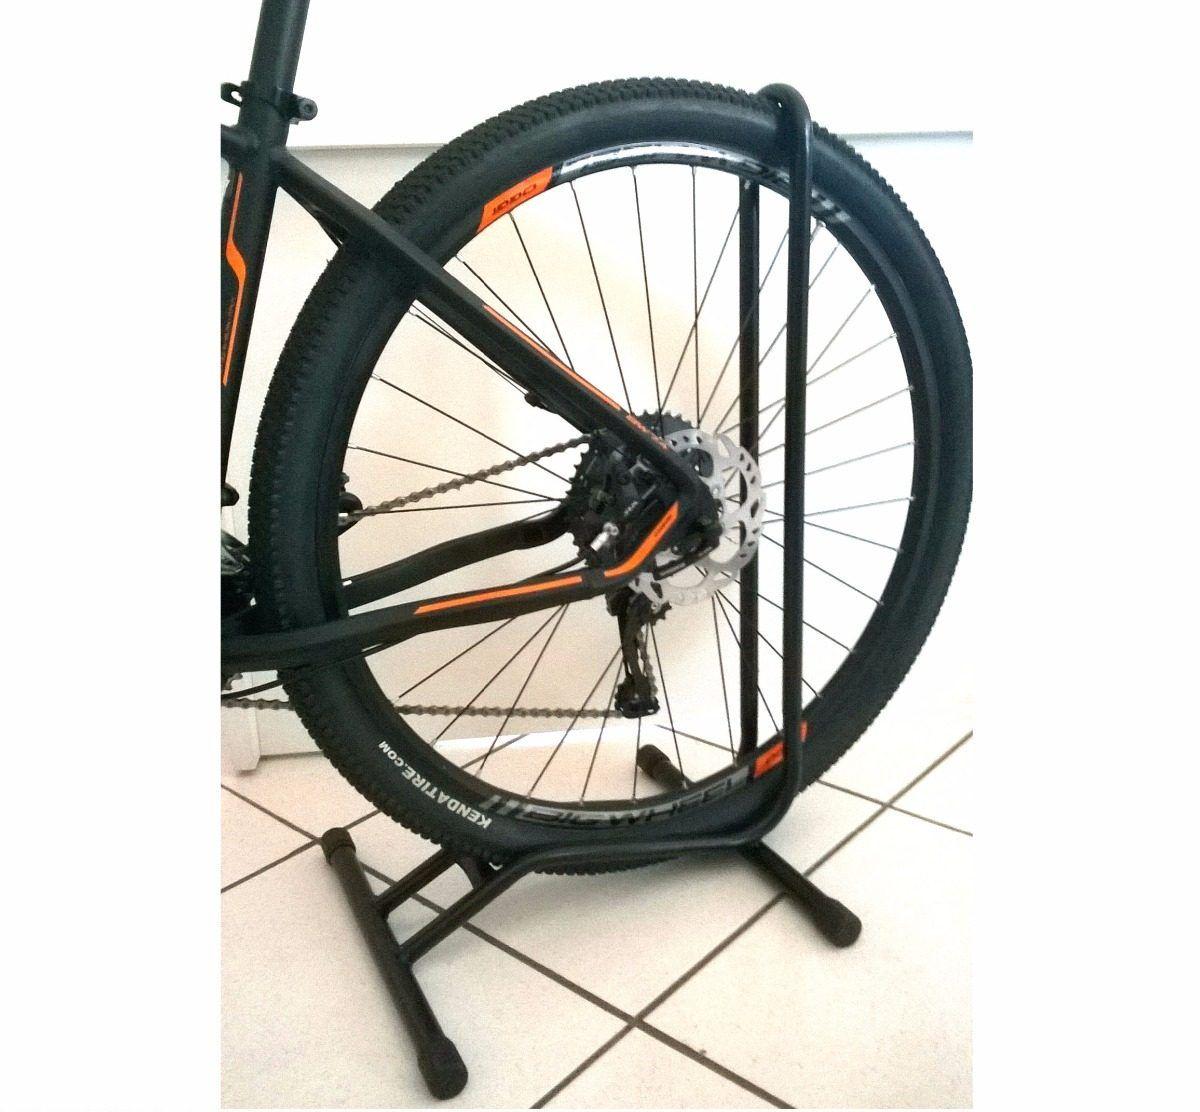 3d32df94b ... Suporte De Bicicleta P chão p  Aro 29 C  Apoio - Aro 26 ...